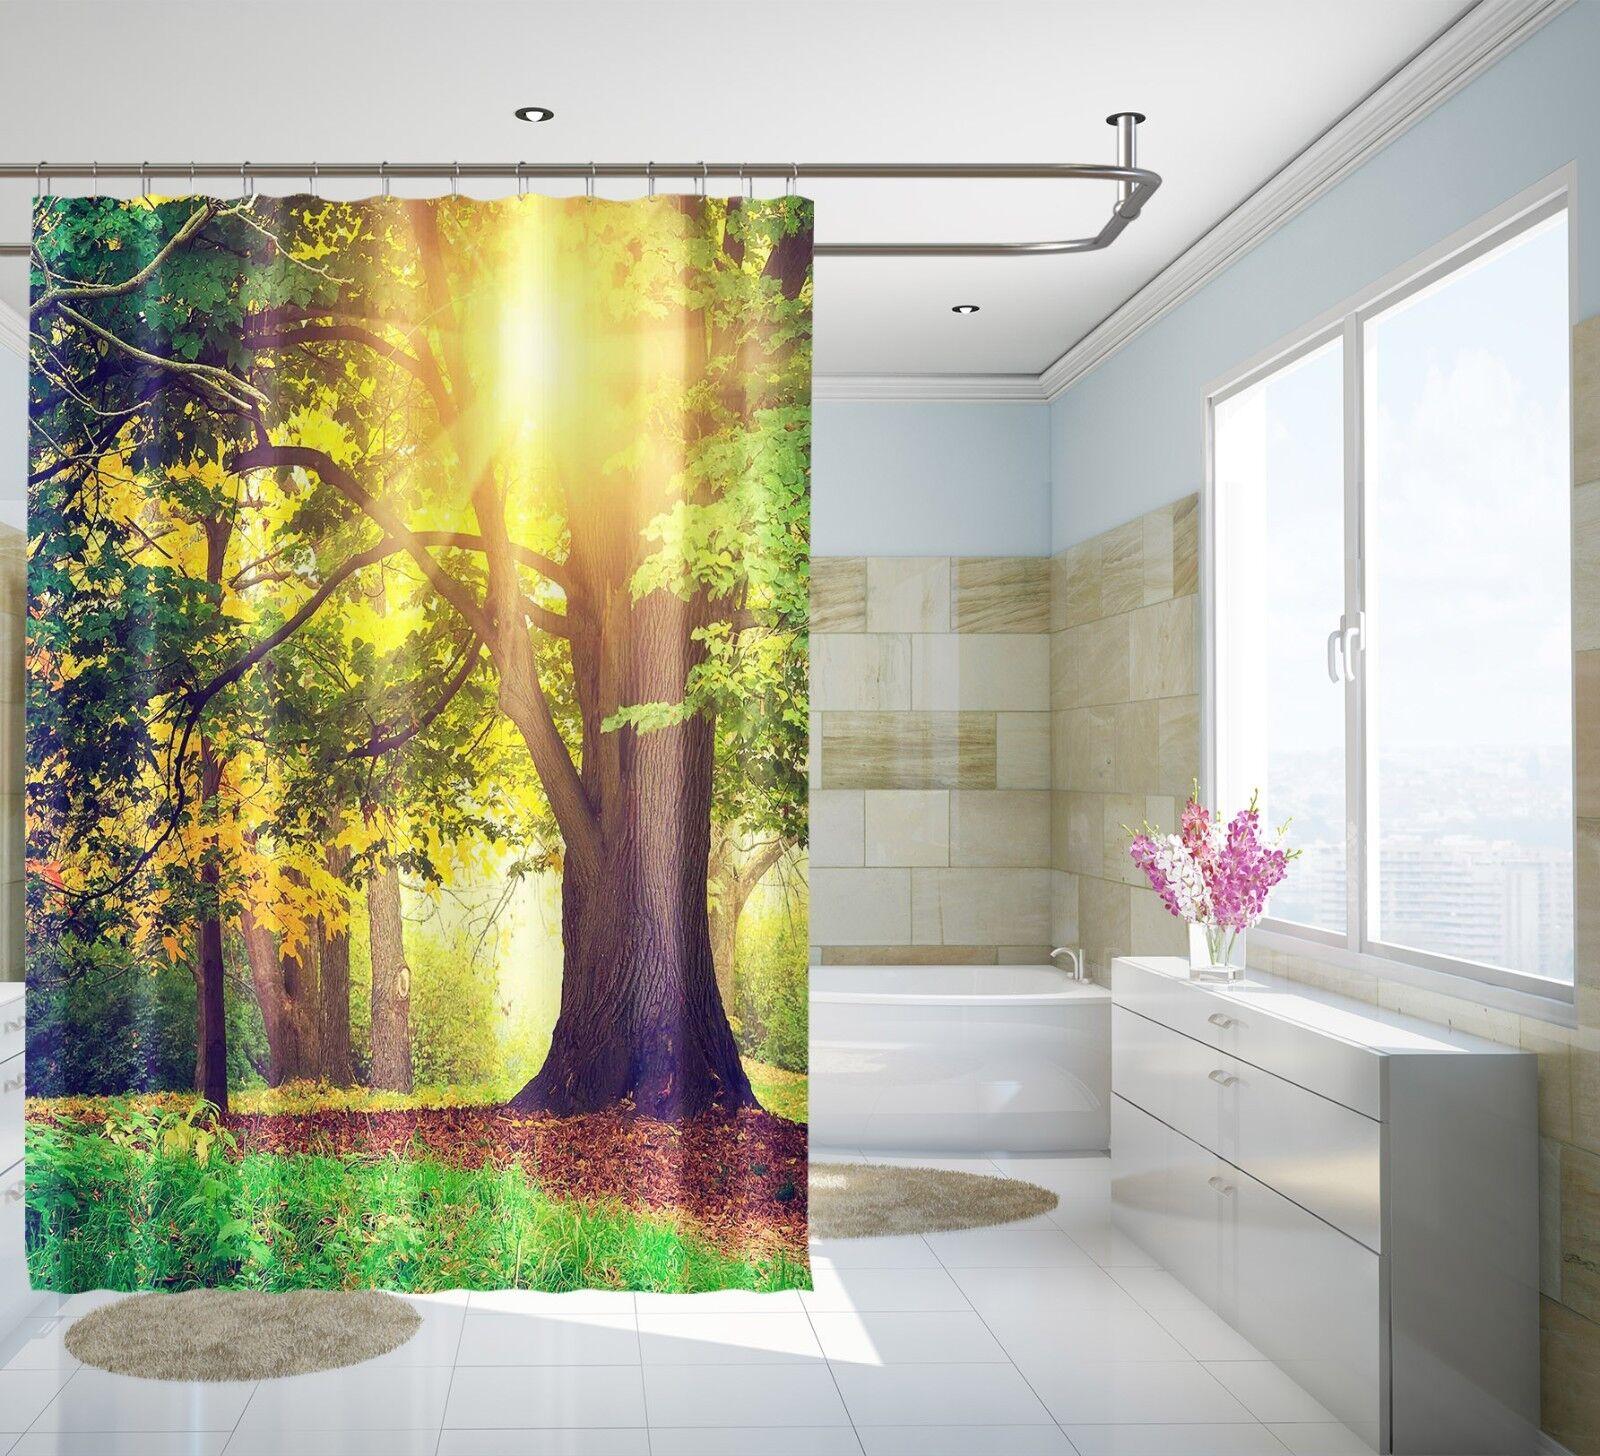 3D Sonne Wald 231 Duschvorhang Wasserdicht Faser Bad Daheim Windows Toilette DE | Schenken Sie Ihrem Kind eine glückliche Kindheit